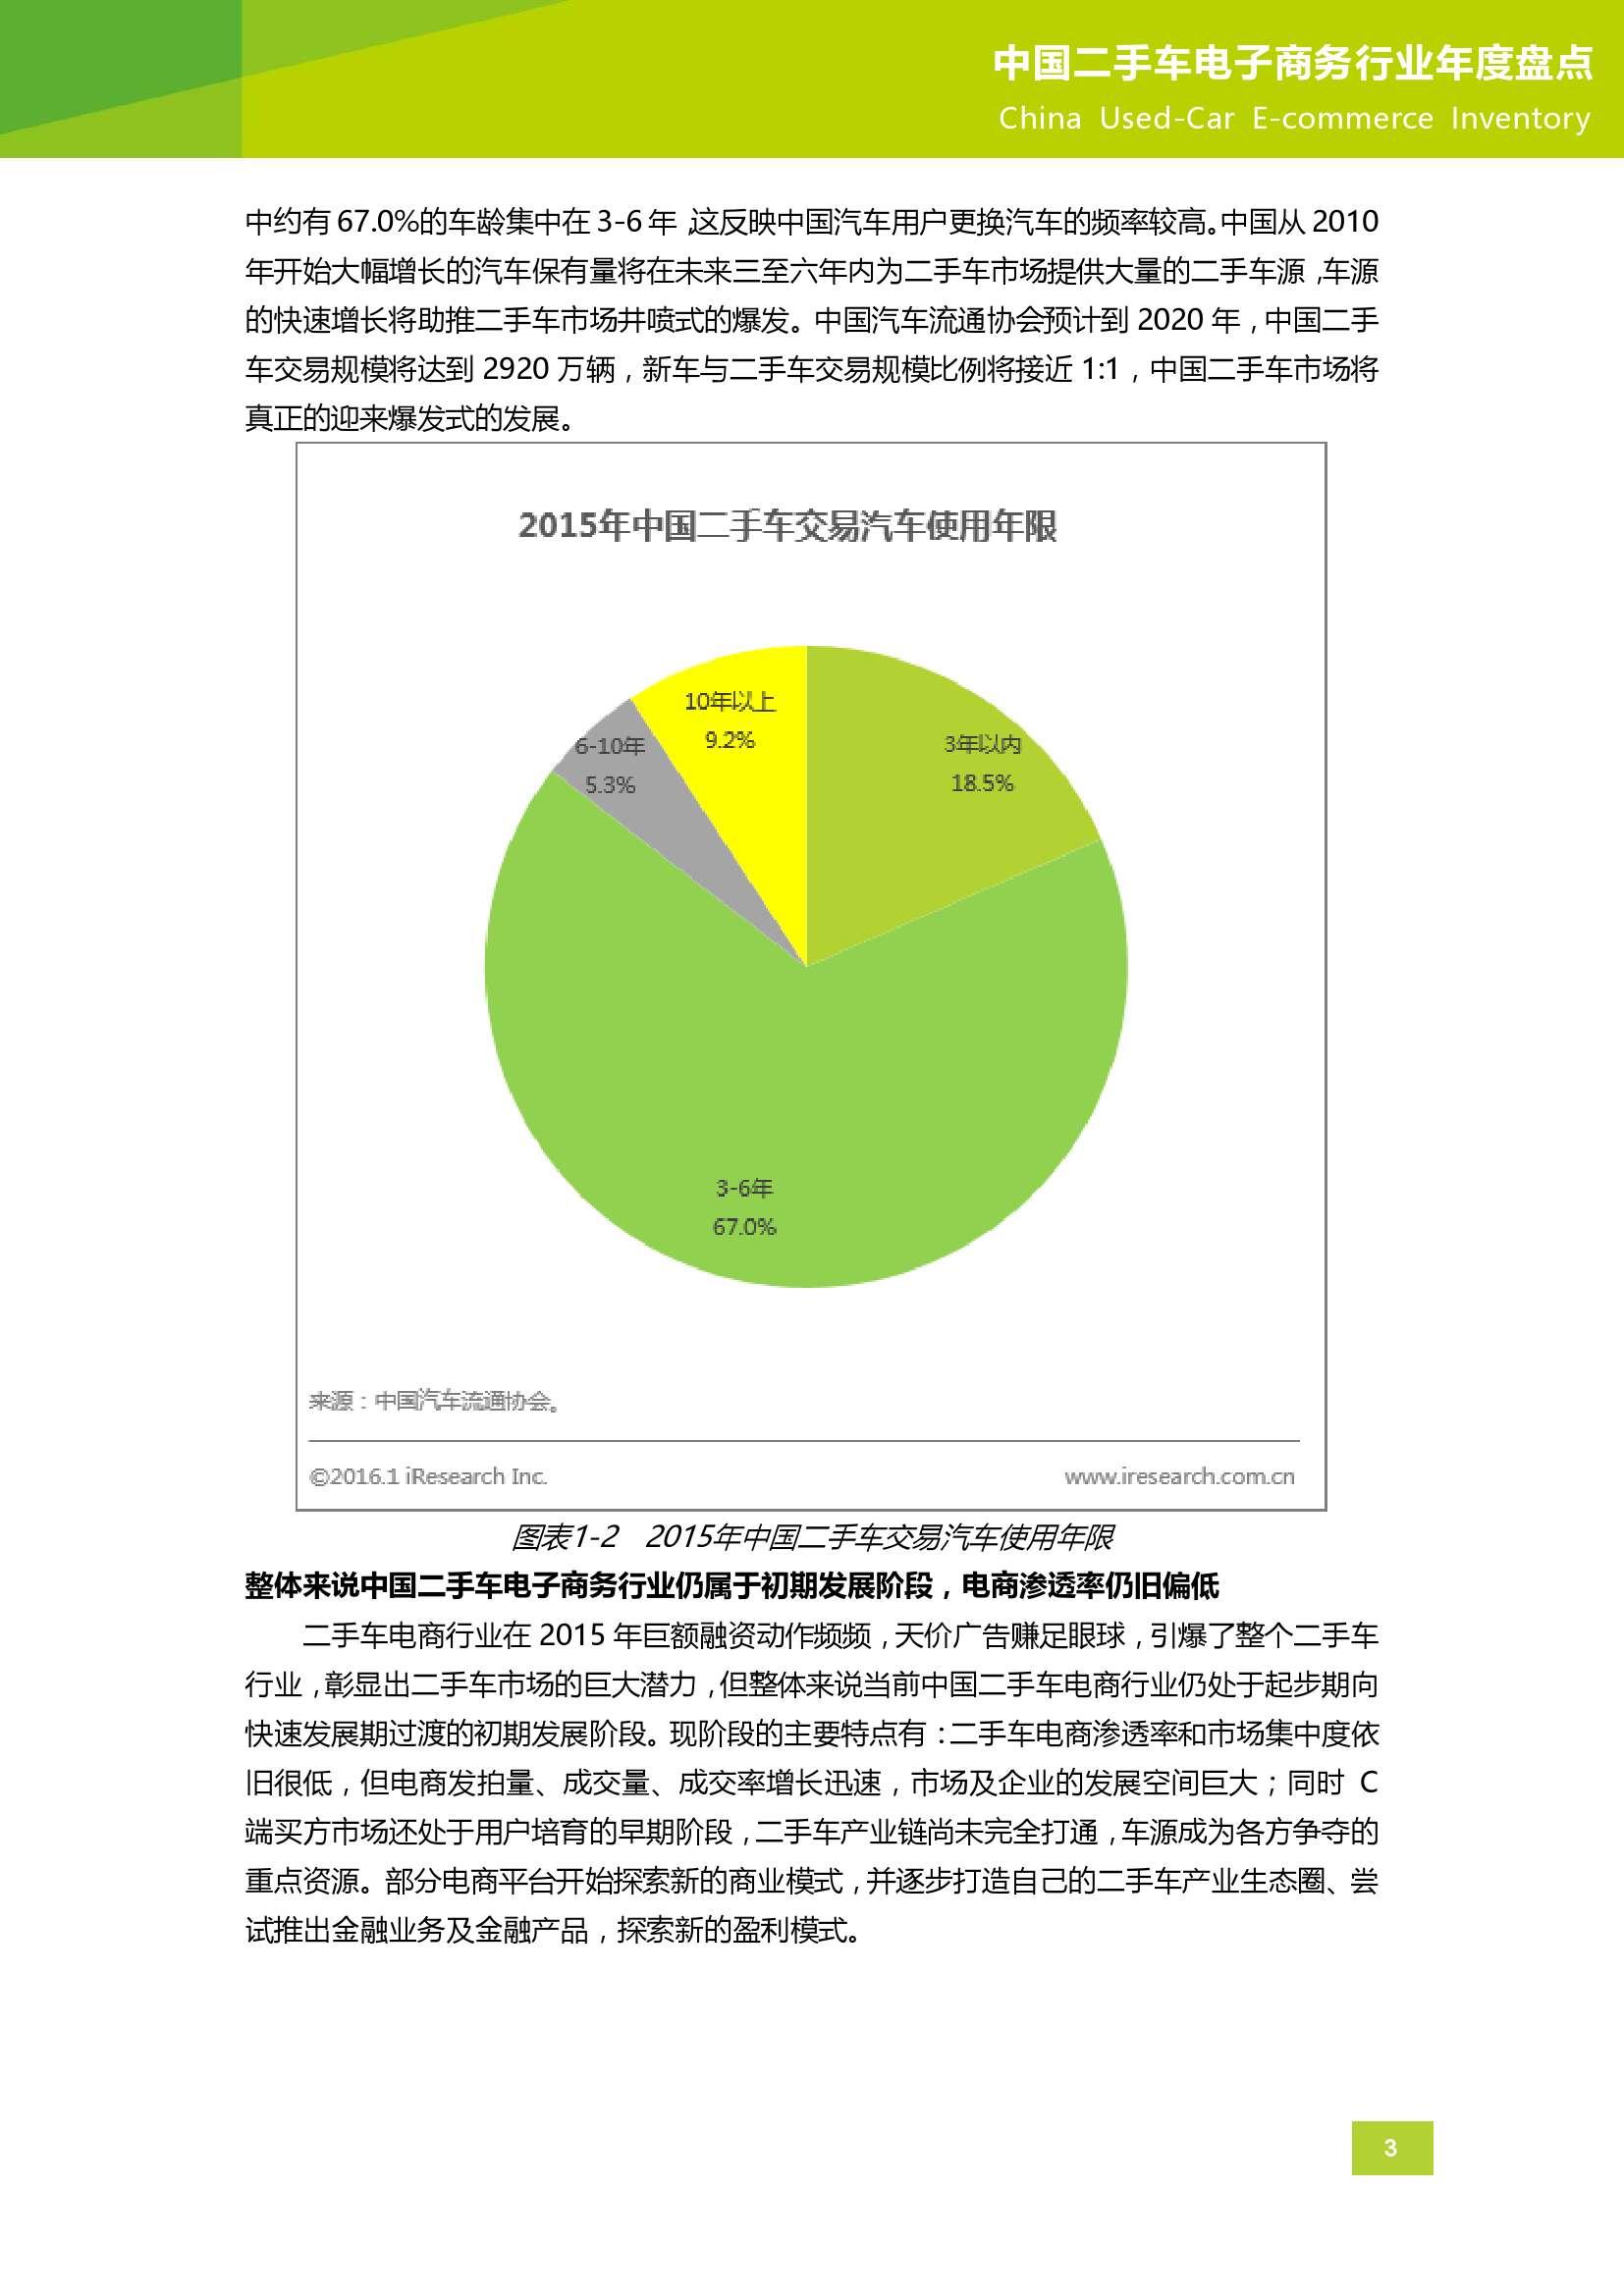 2015年中国二手车电子商务行业年度盘点_000004